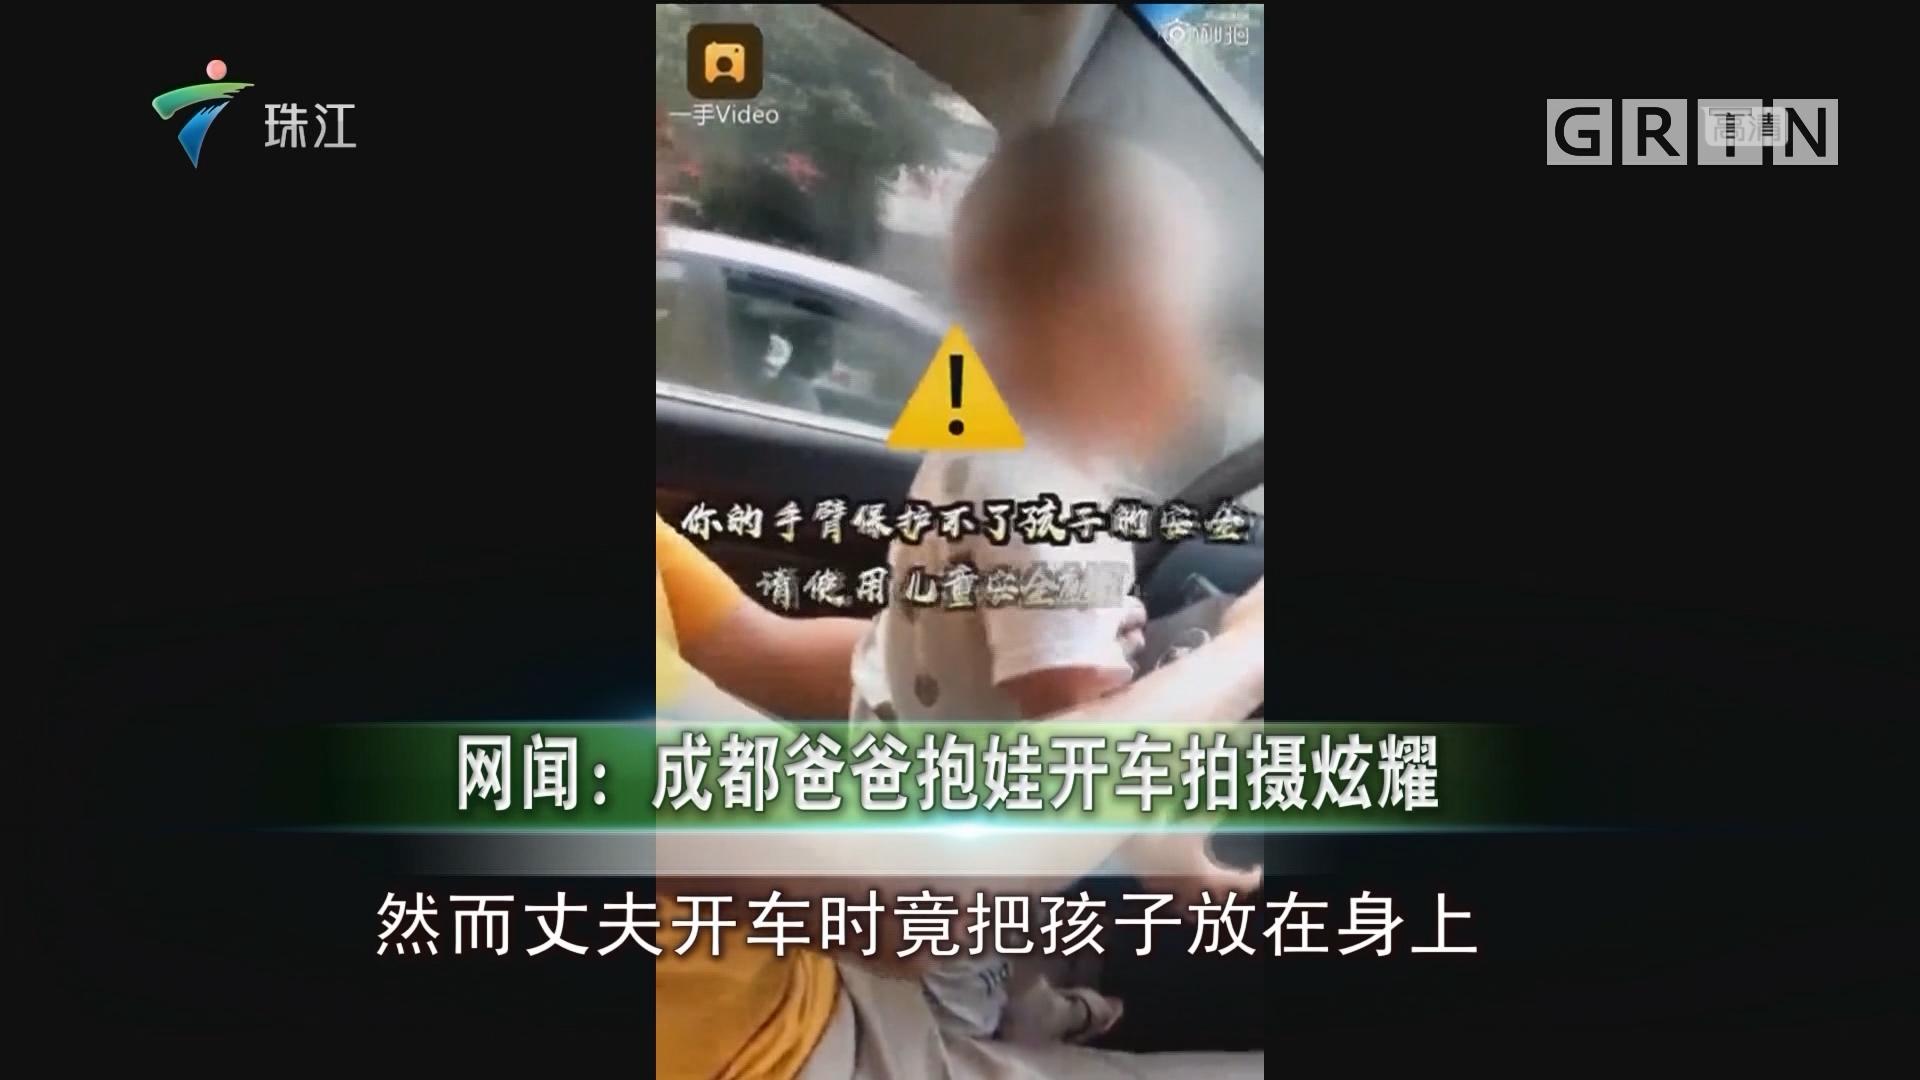 网闻:成都爸爸抱娃开车拍摄炫耀